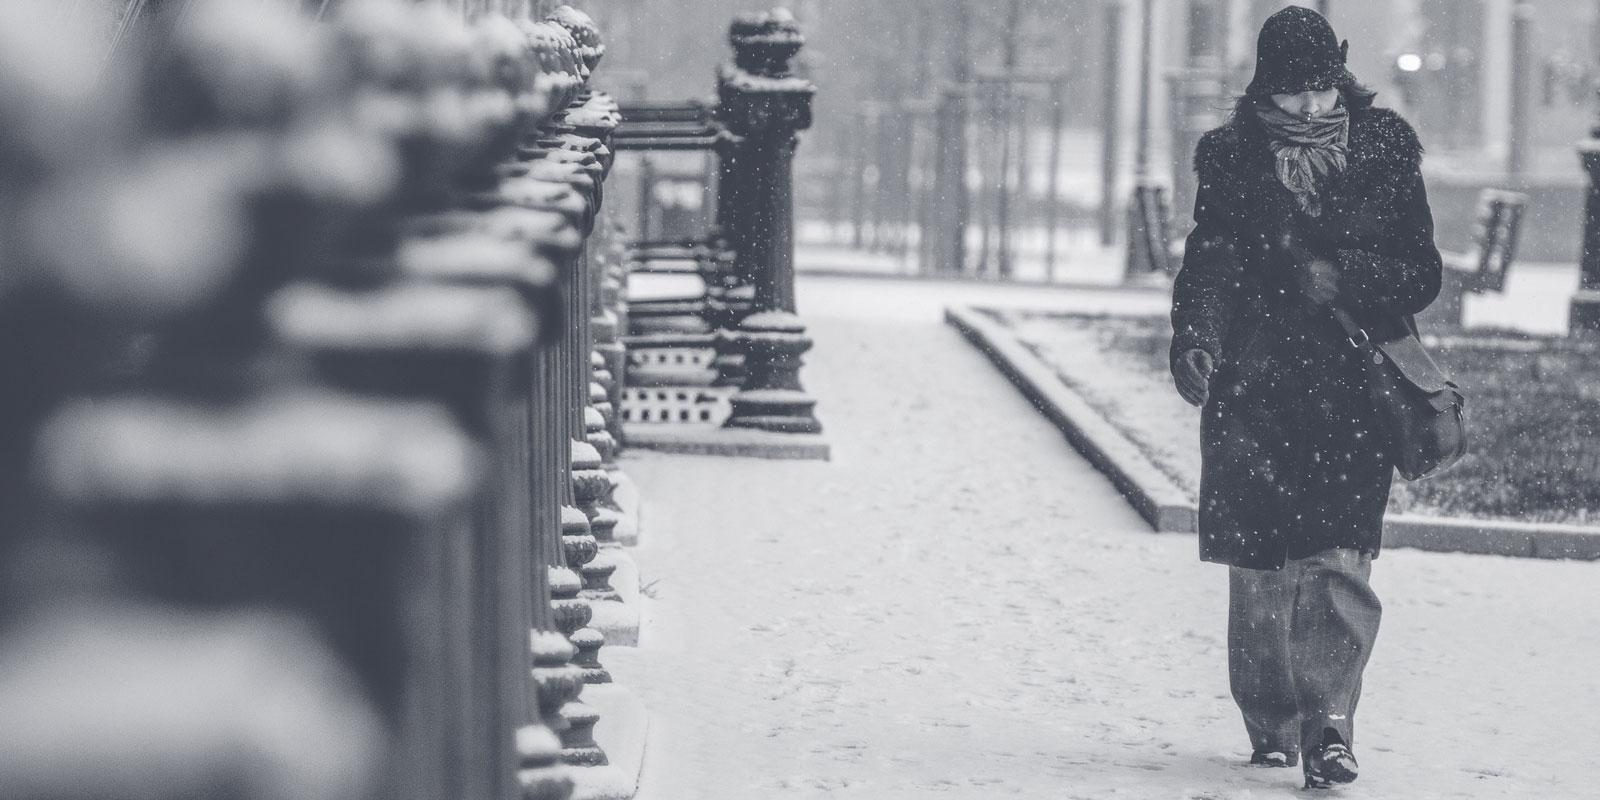 Walking in a snow blizzard